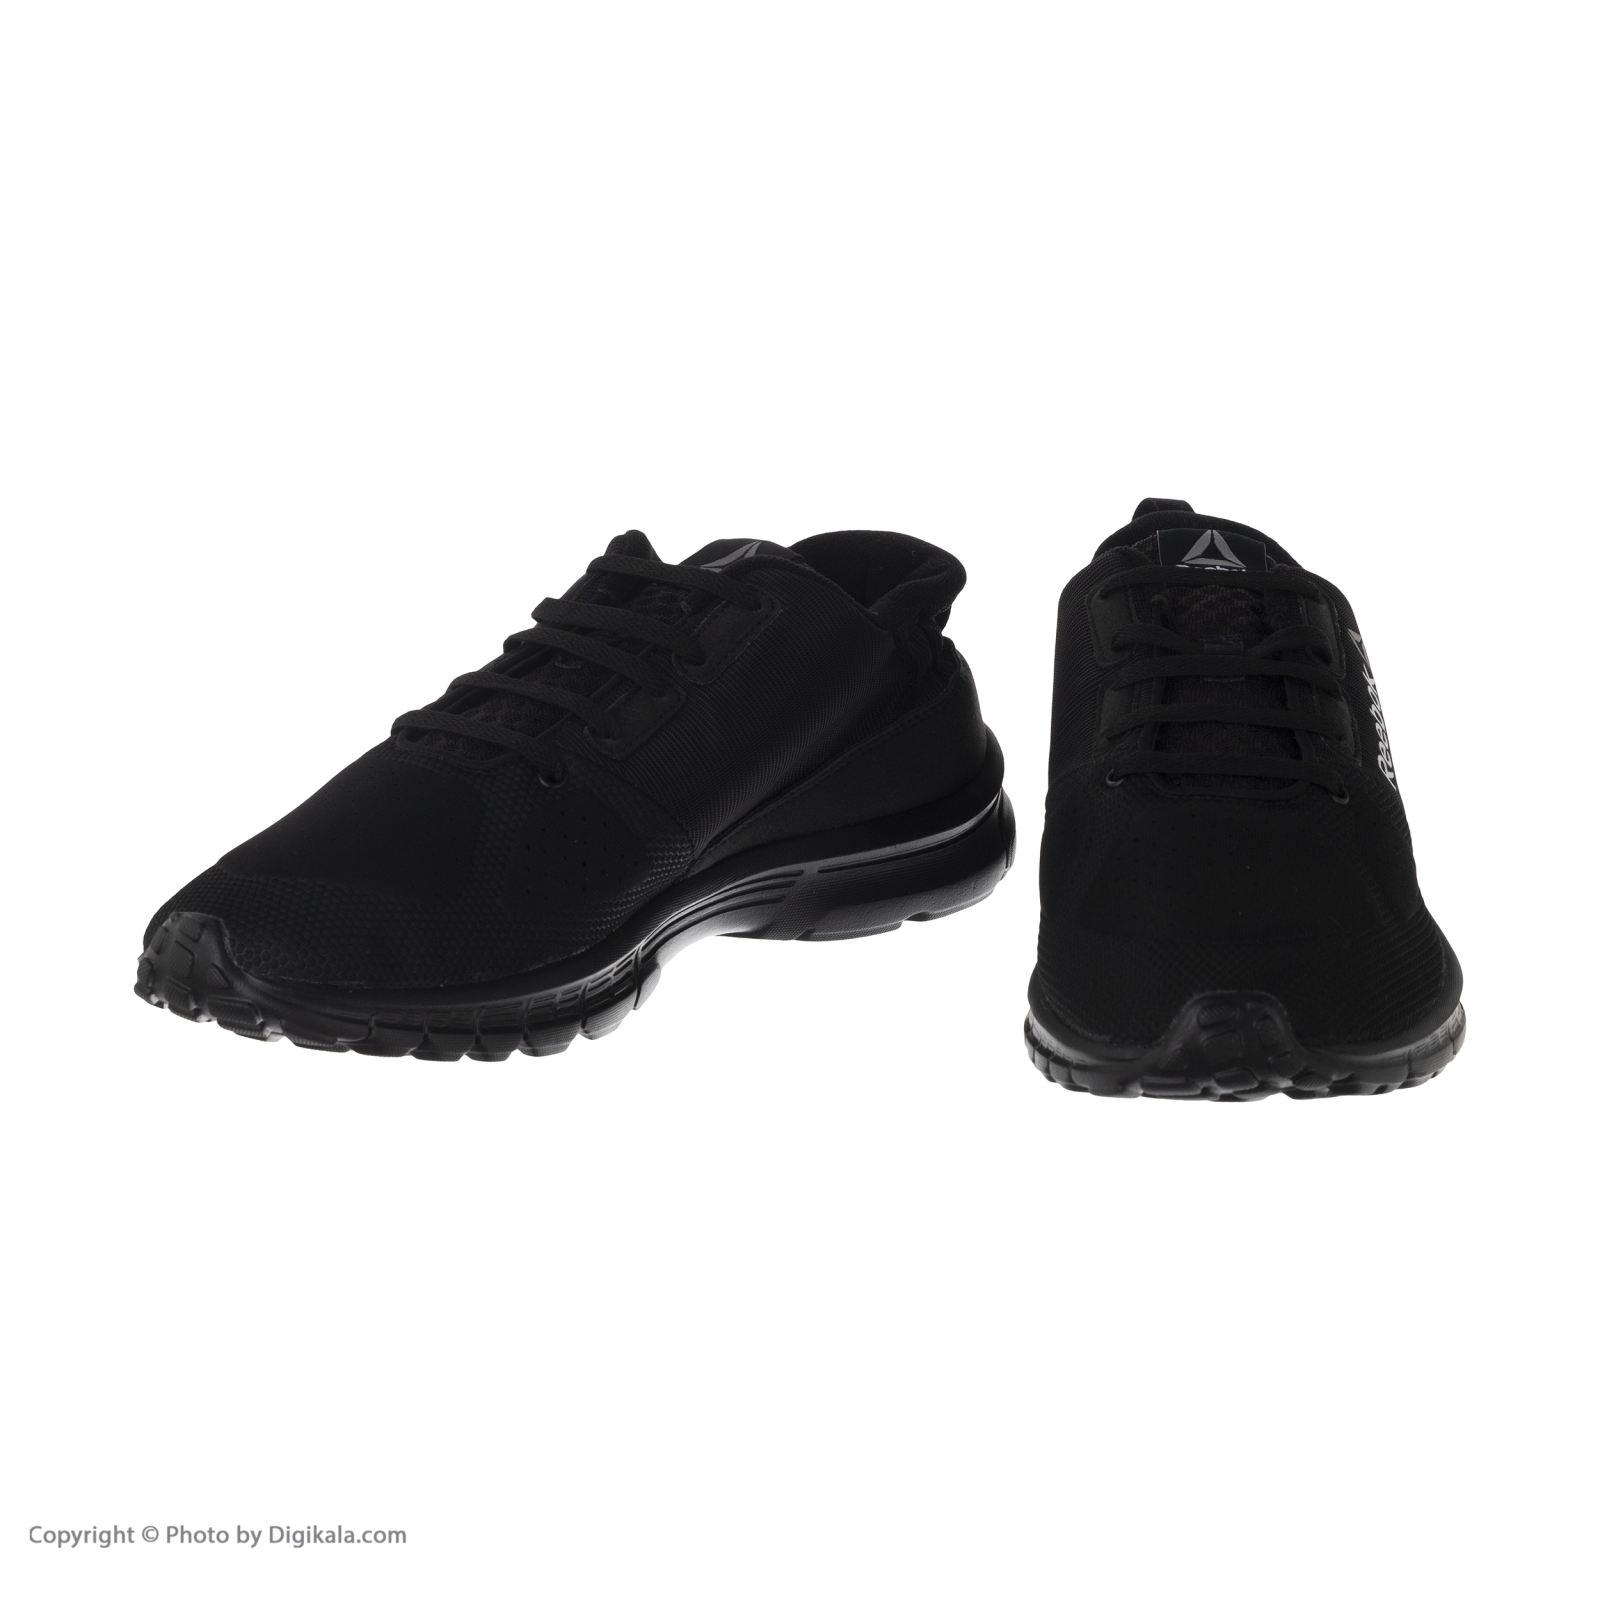 کفش مخصوص دویدن مردانه ریباک مدل Aim mt -  - 5